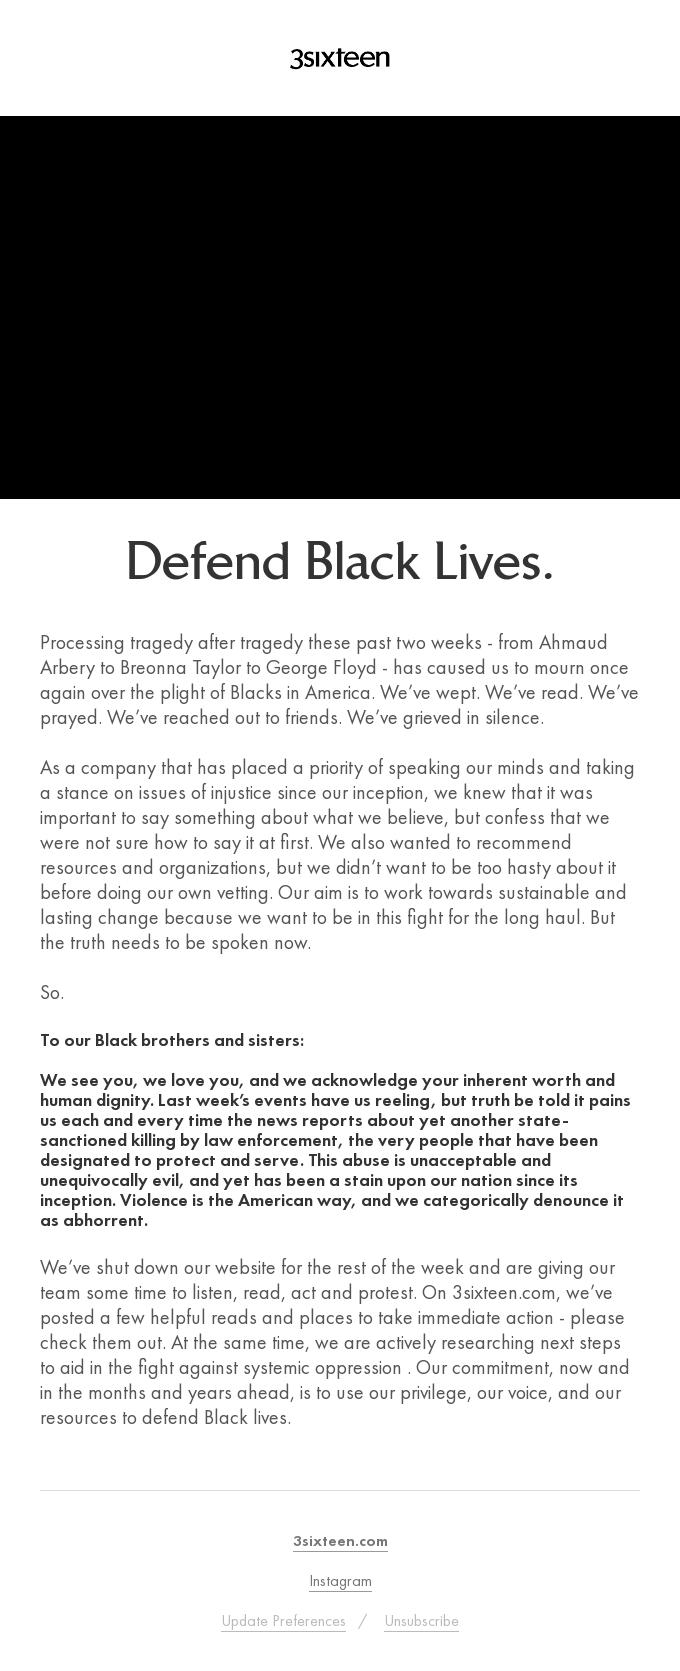 Defend Black Lives.